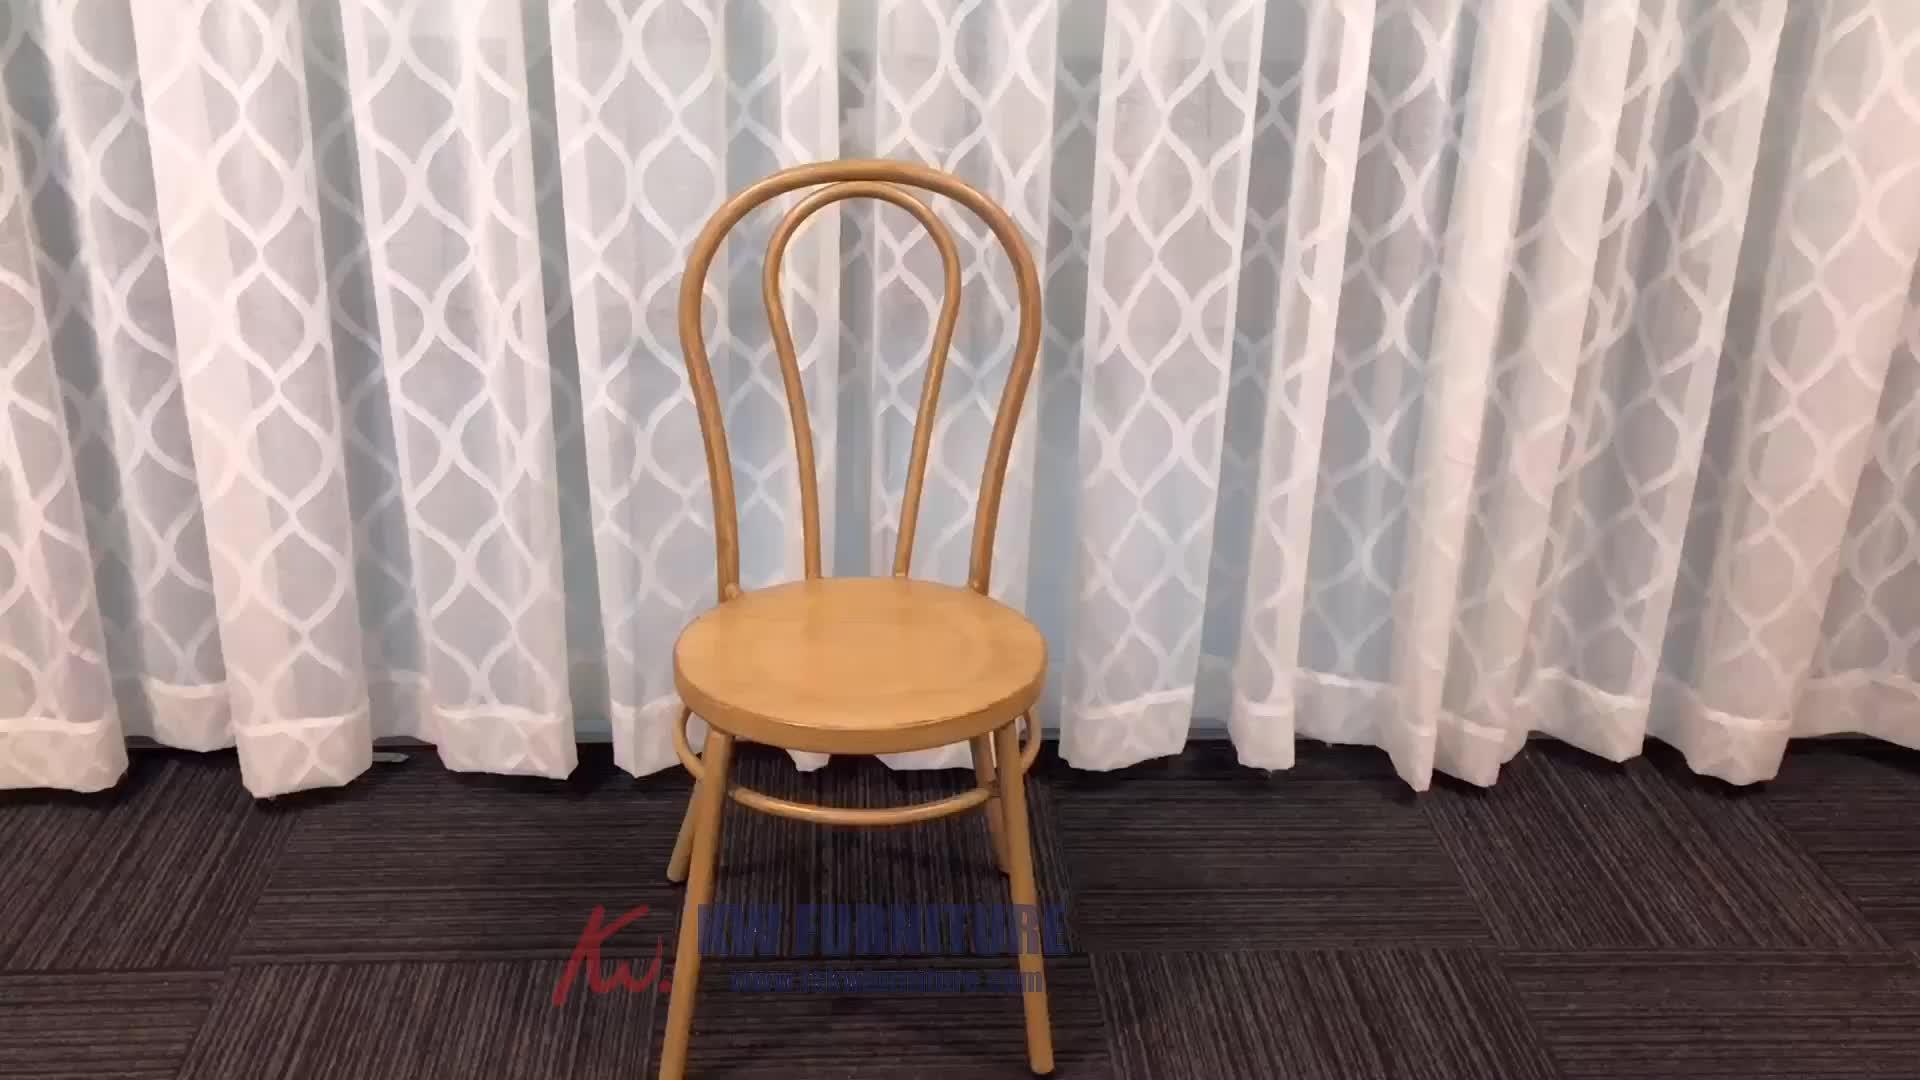 Moderno Restaurante Cadeiras Ao Ar Livre cadeira De Vime de Alumínio De Aço do Metal Ferro Cafe Bistro Pátio de Jantar Fast Food Usado Para Venda Por Atacado